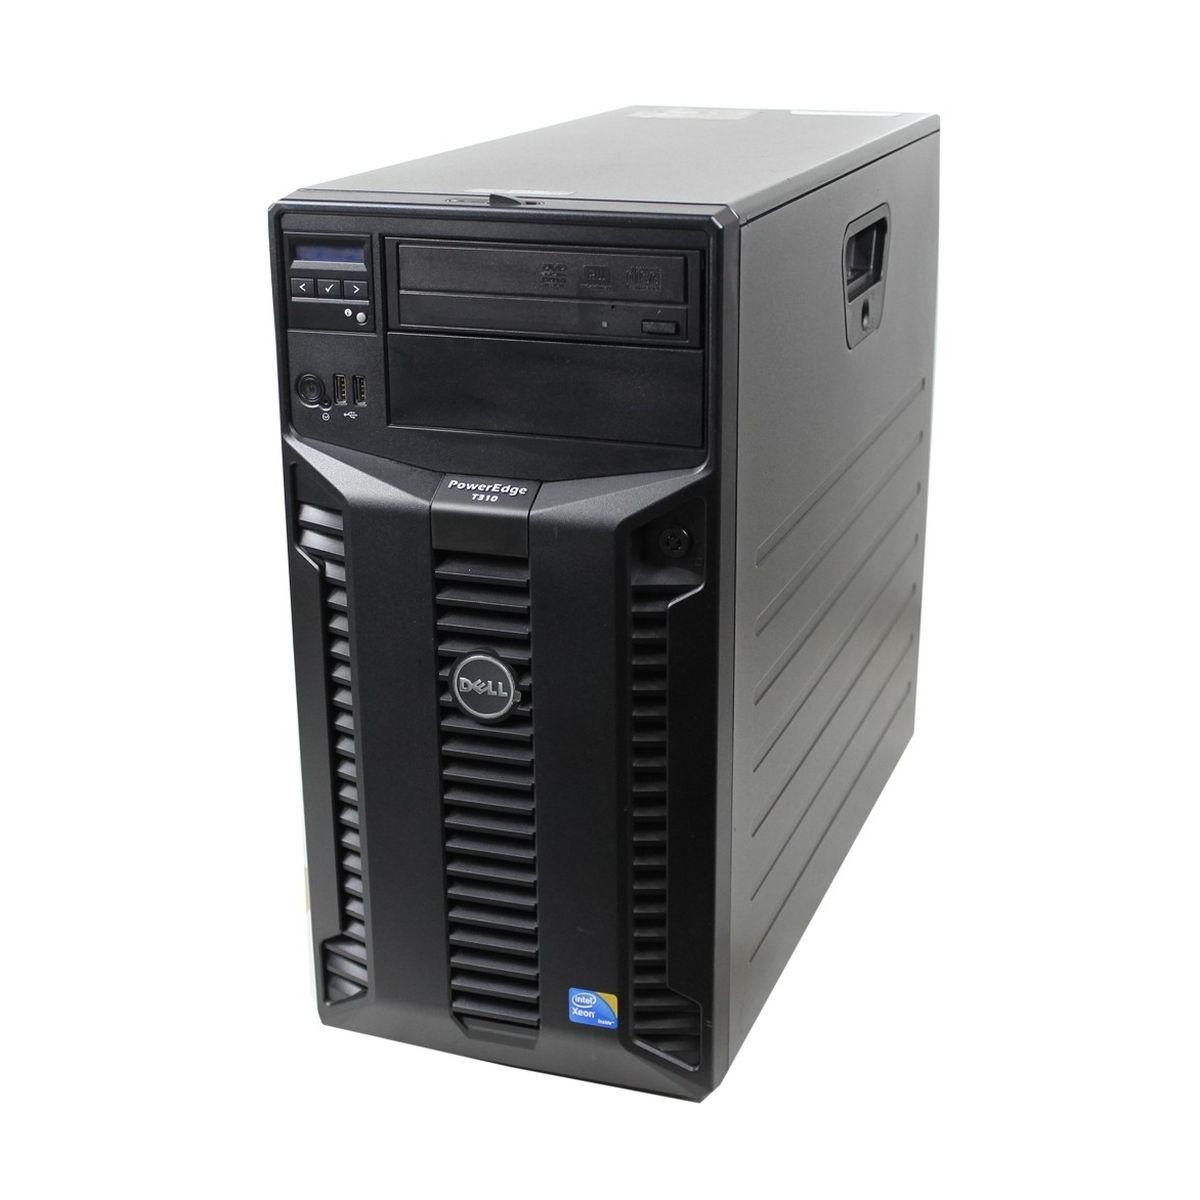 DELL T310 x3450 QC 16GB 4x300GB SAS PERC 6i 2xPSU